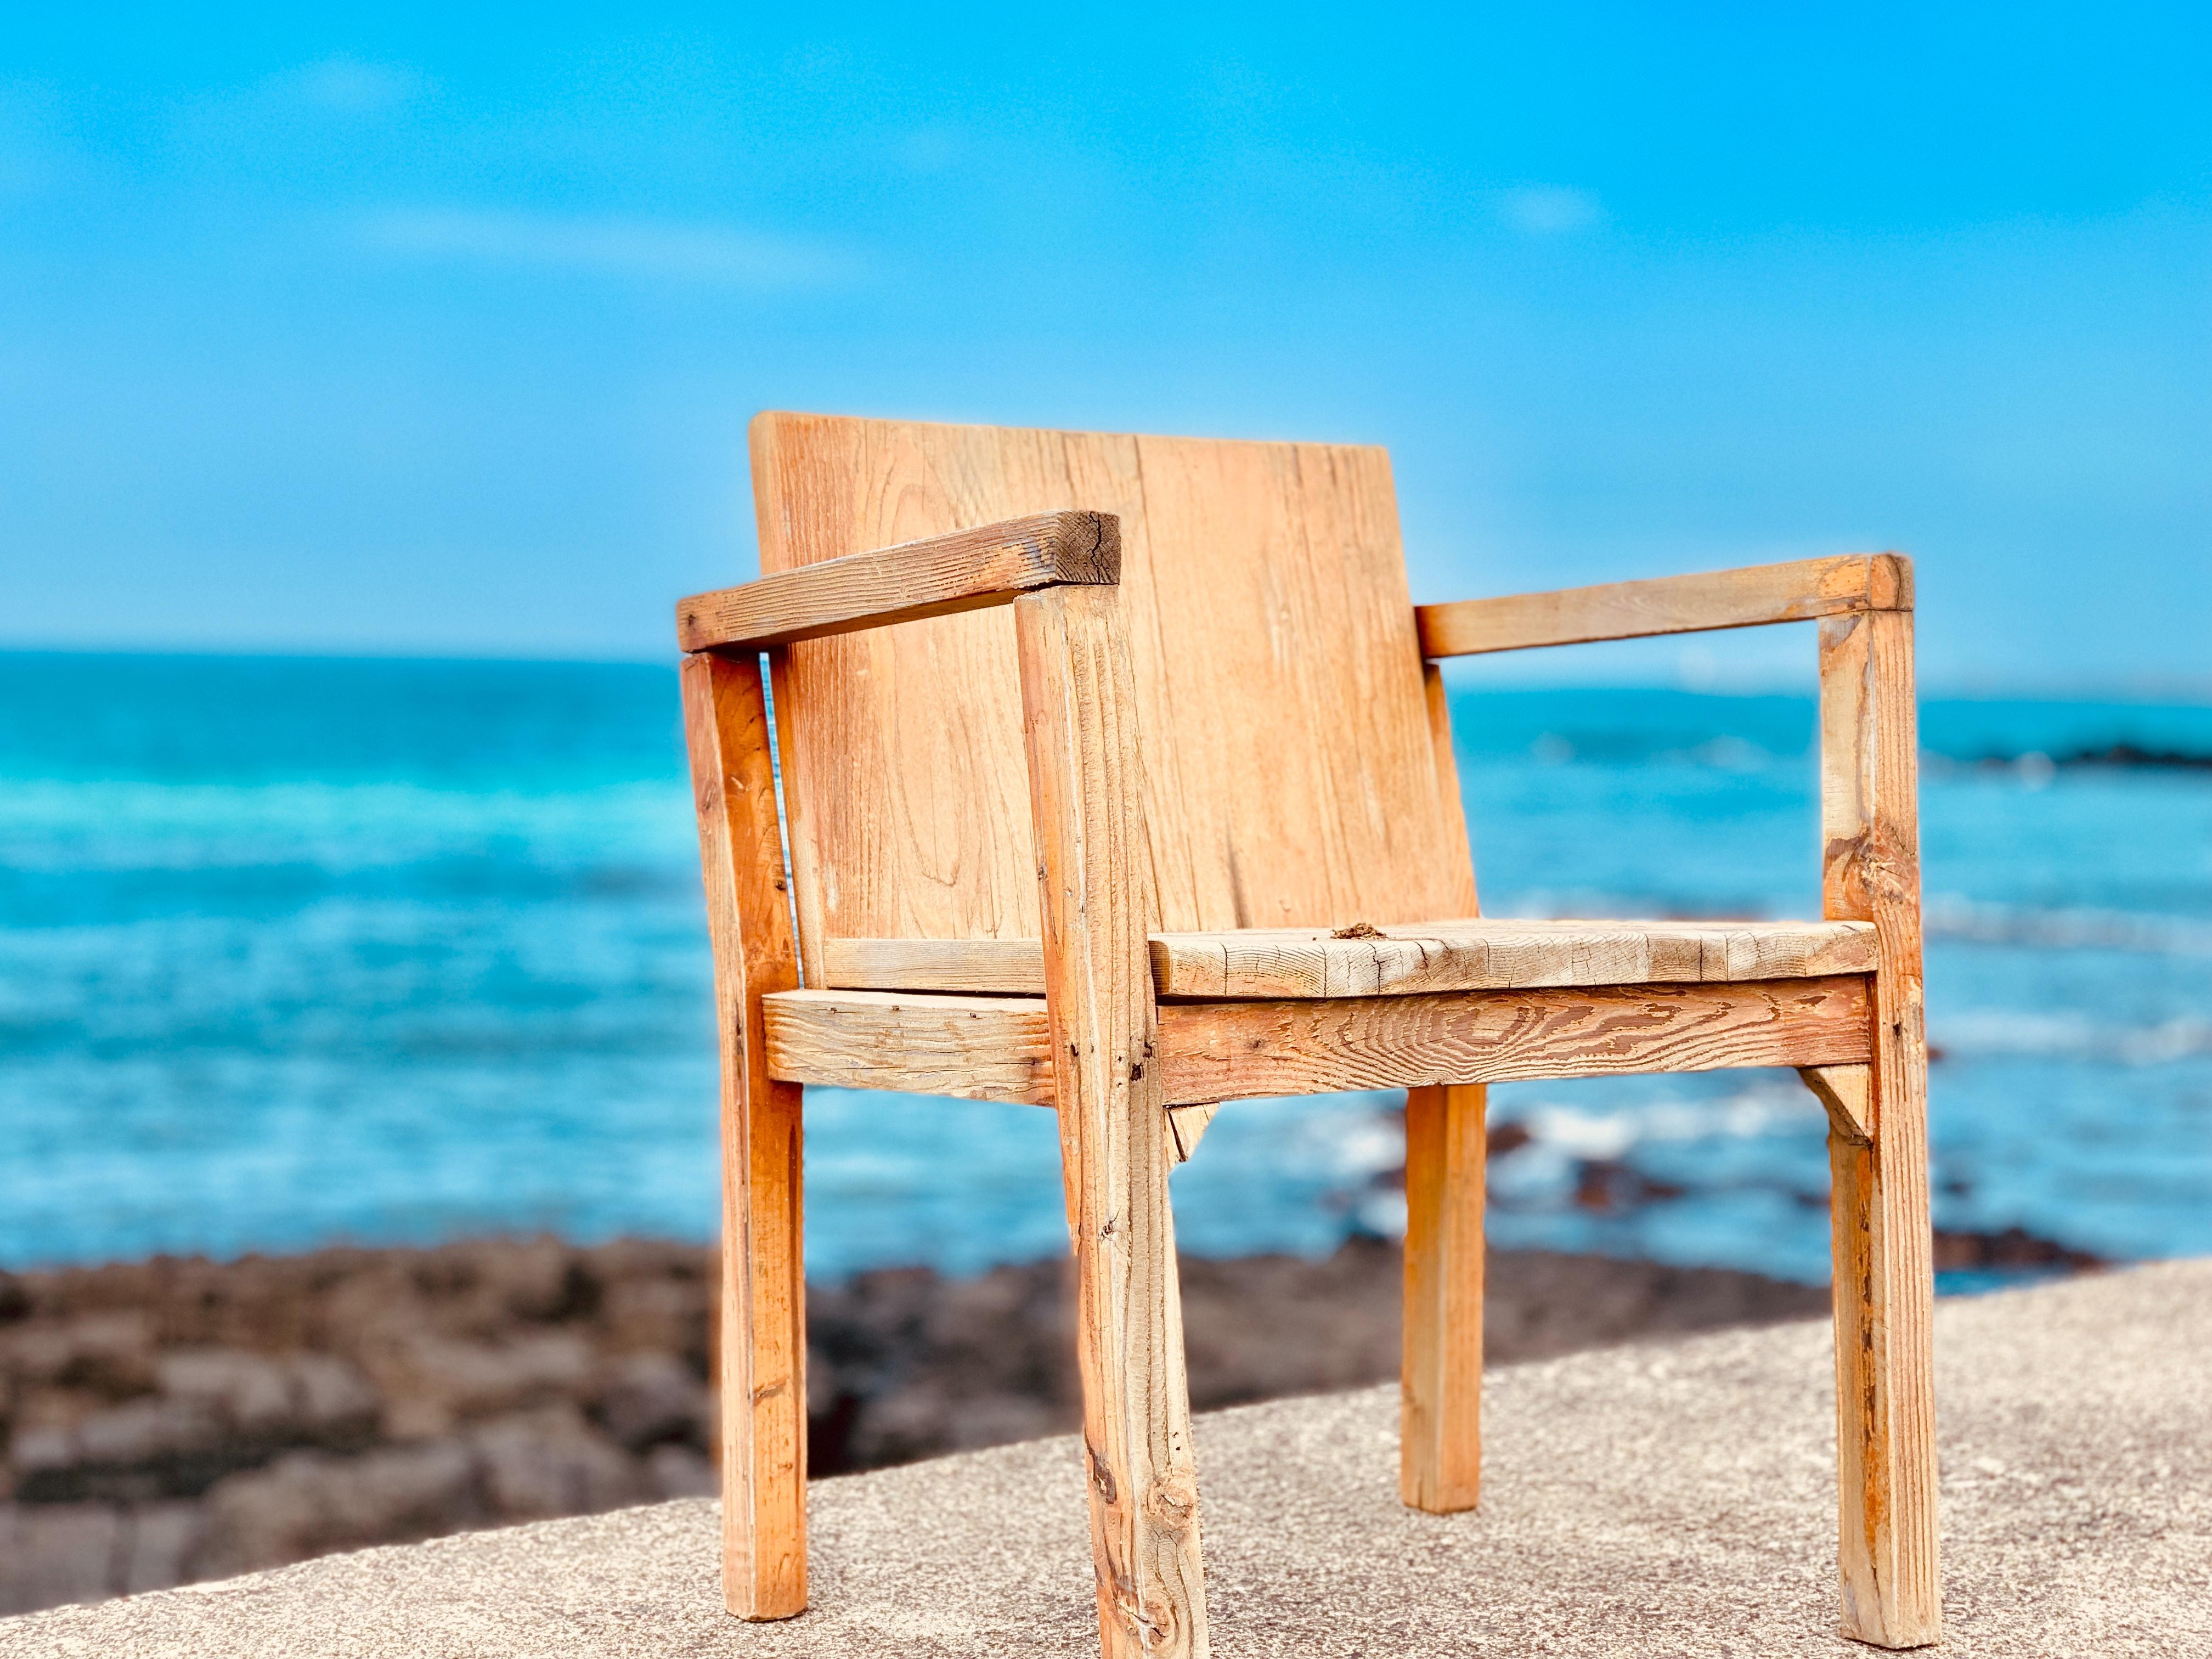 changer de vie - les 3 chaises